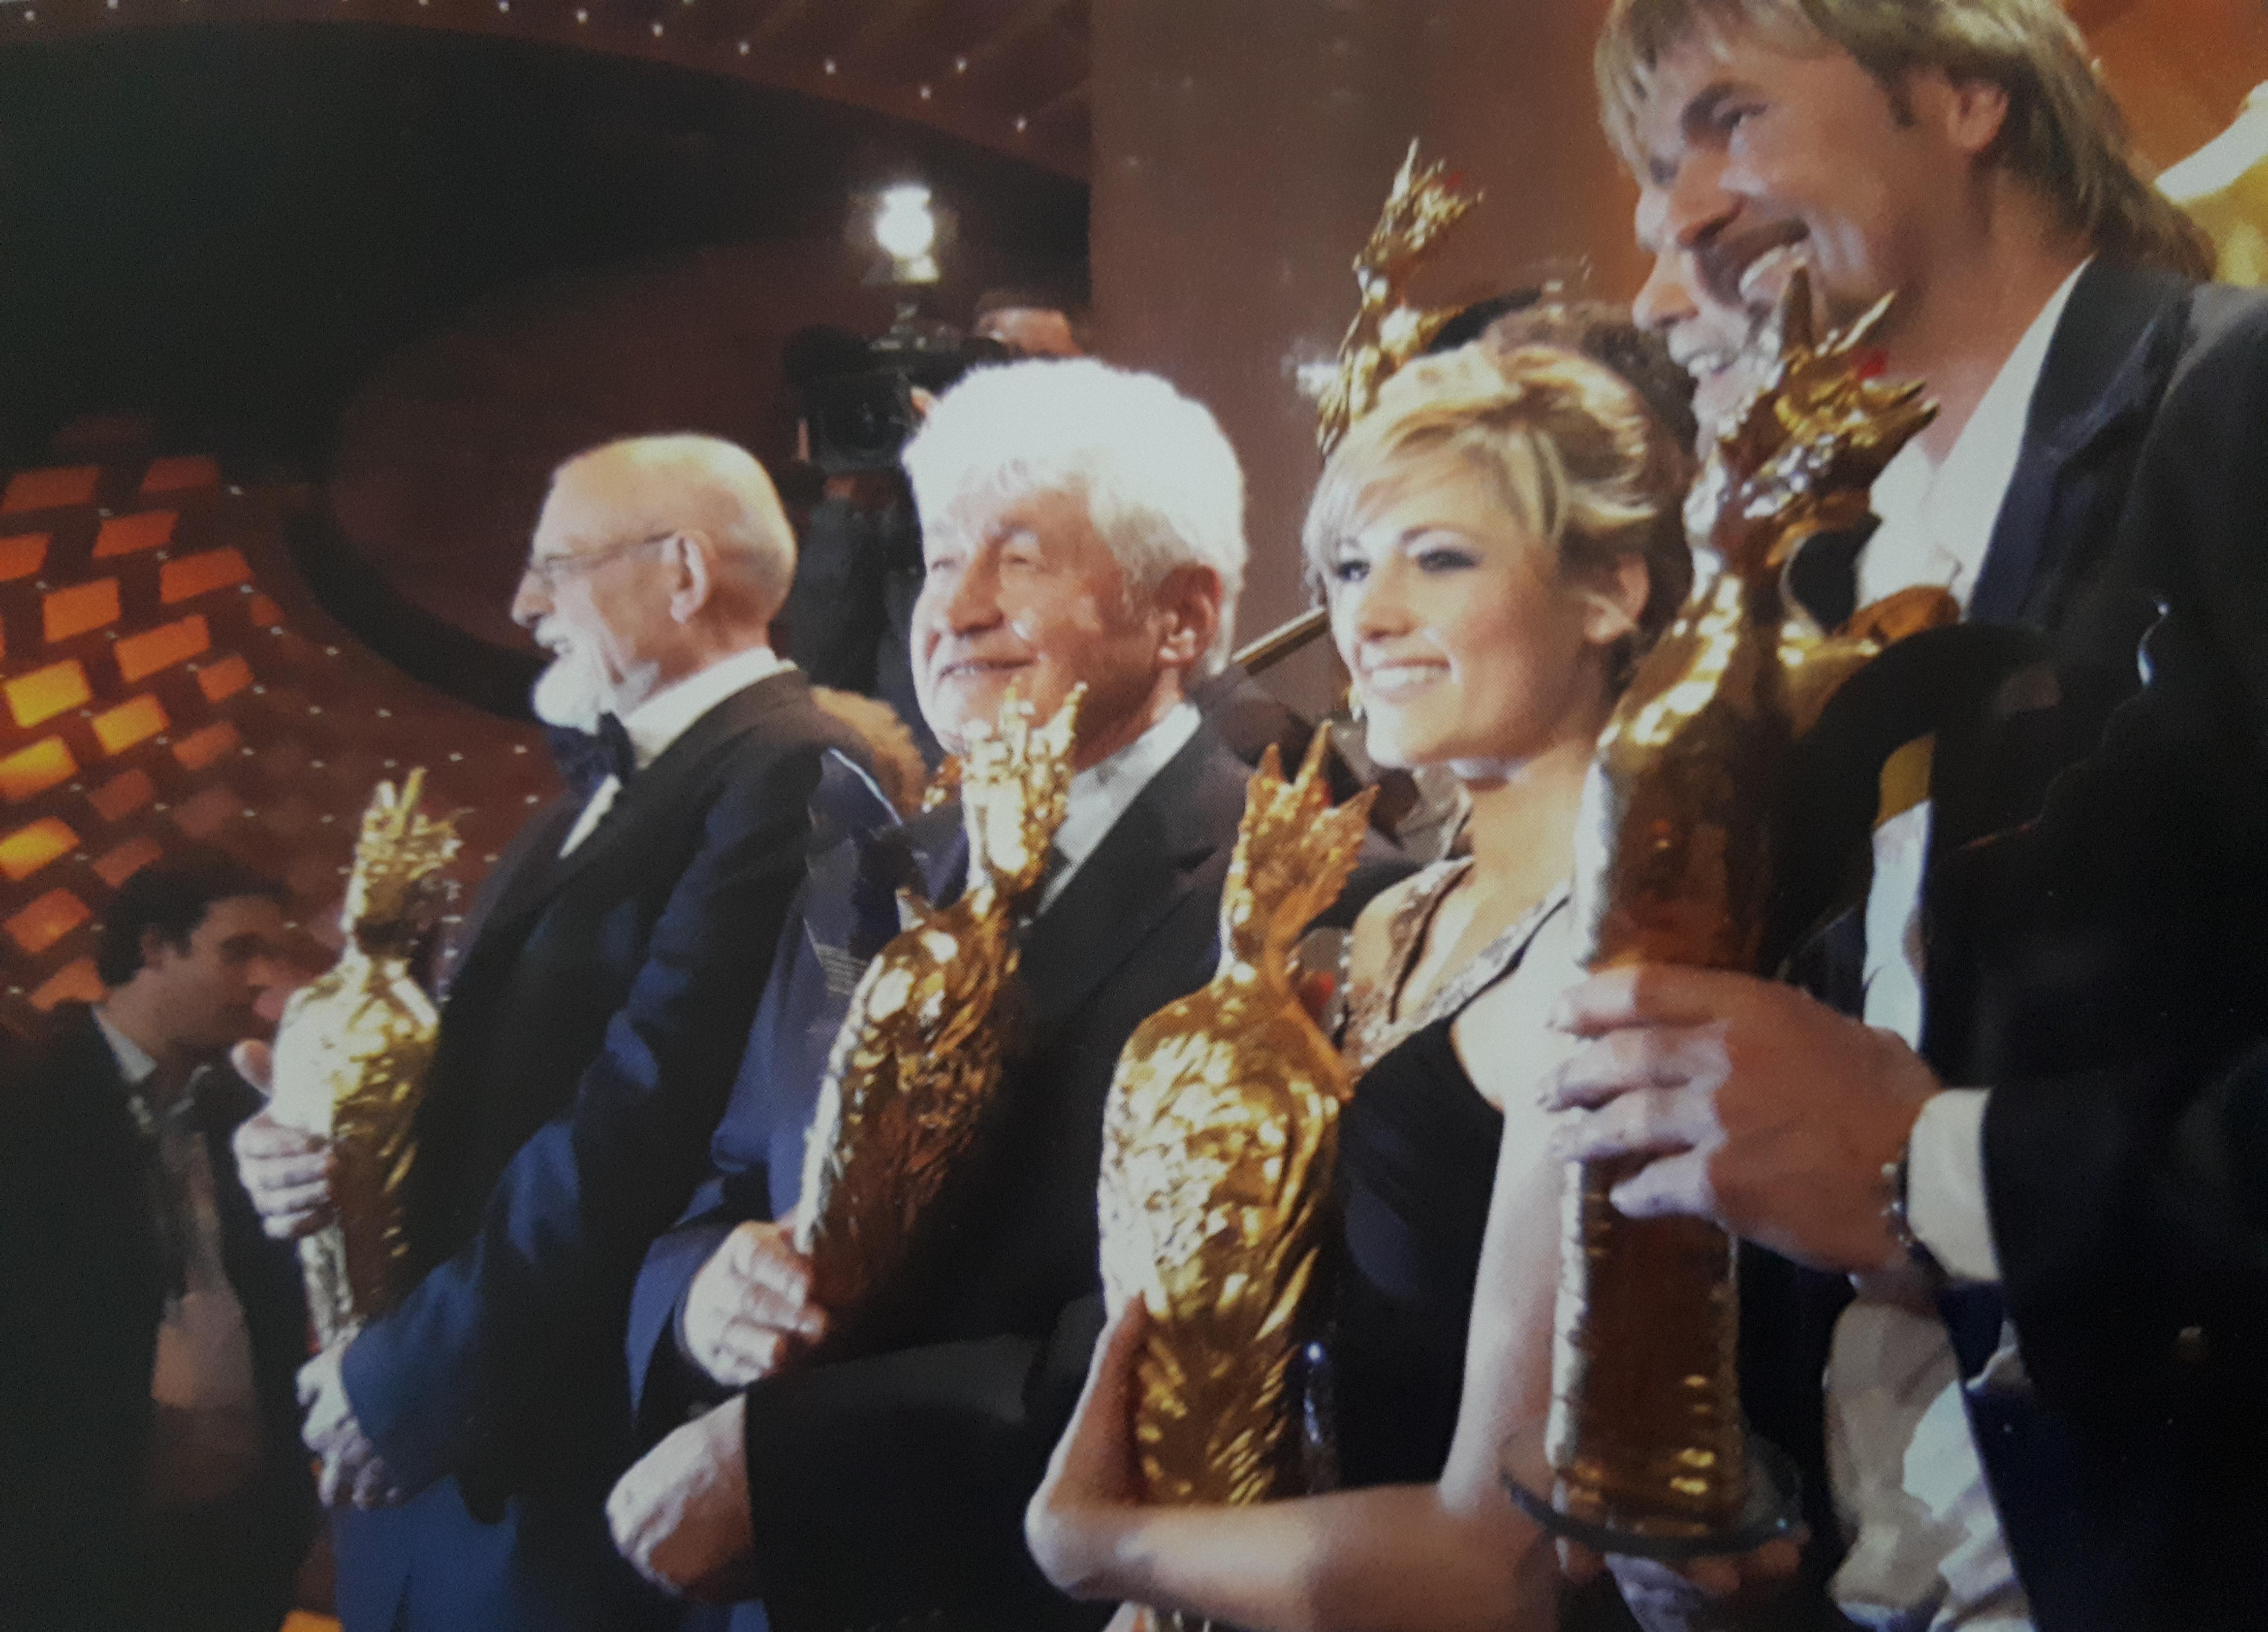 Verleihung Krone der Volksmusik mit v.l.n.r. Roger Whittaker, Helene Fischer und Nik P. (2008)